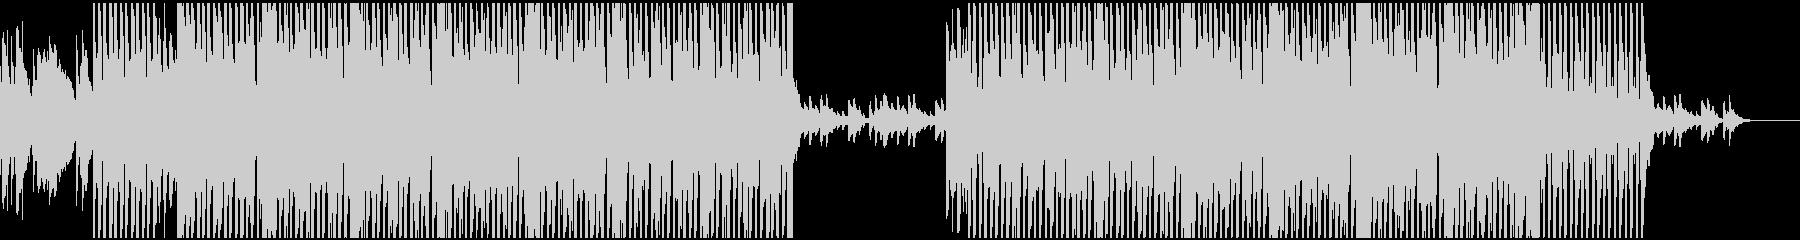 弾くベースとピアノのBGM(テクノ)の未再生の波形